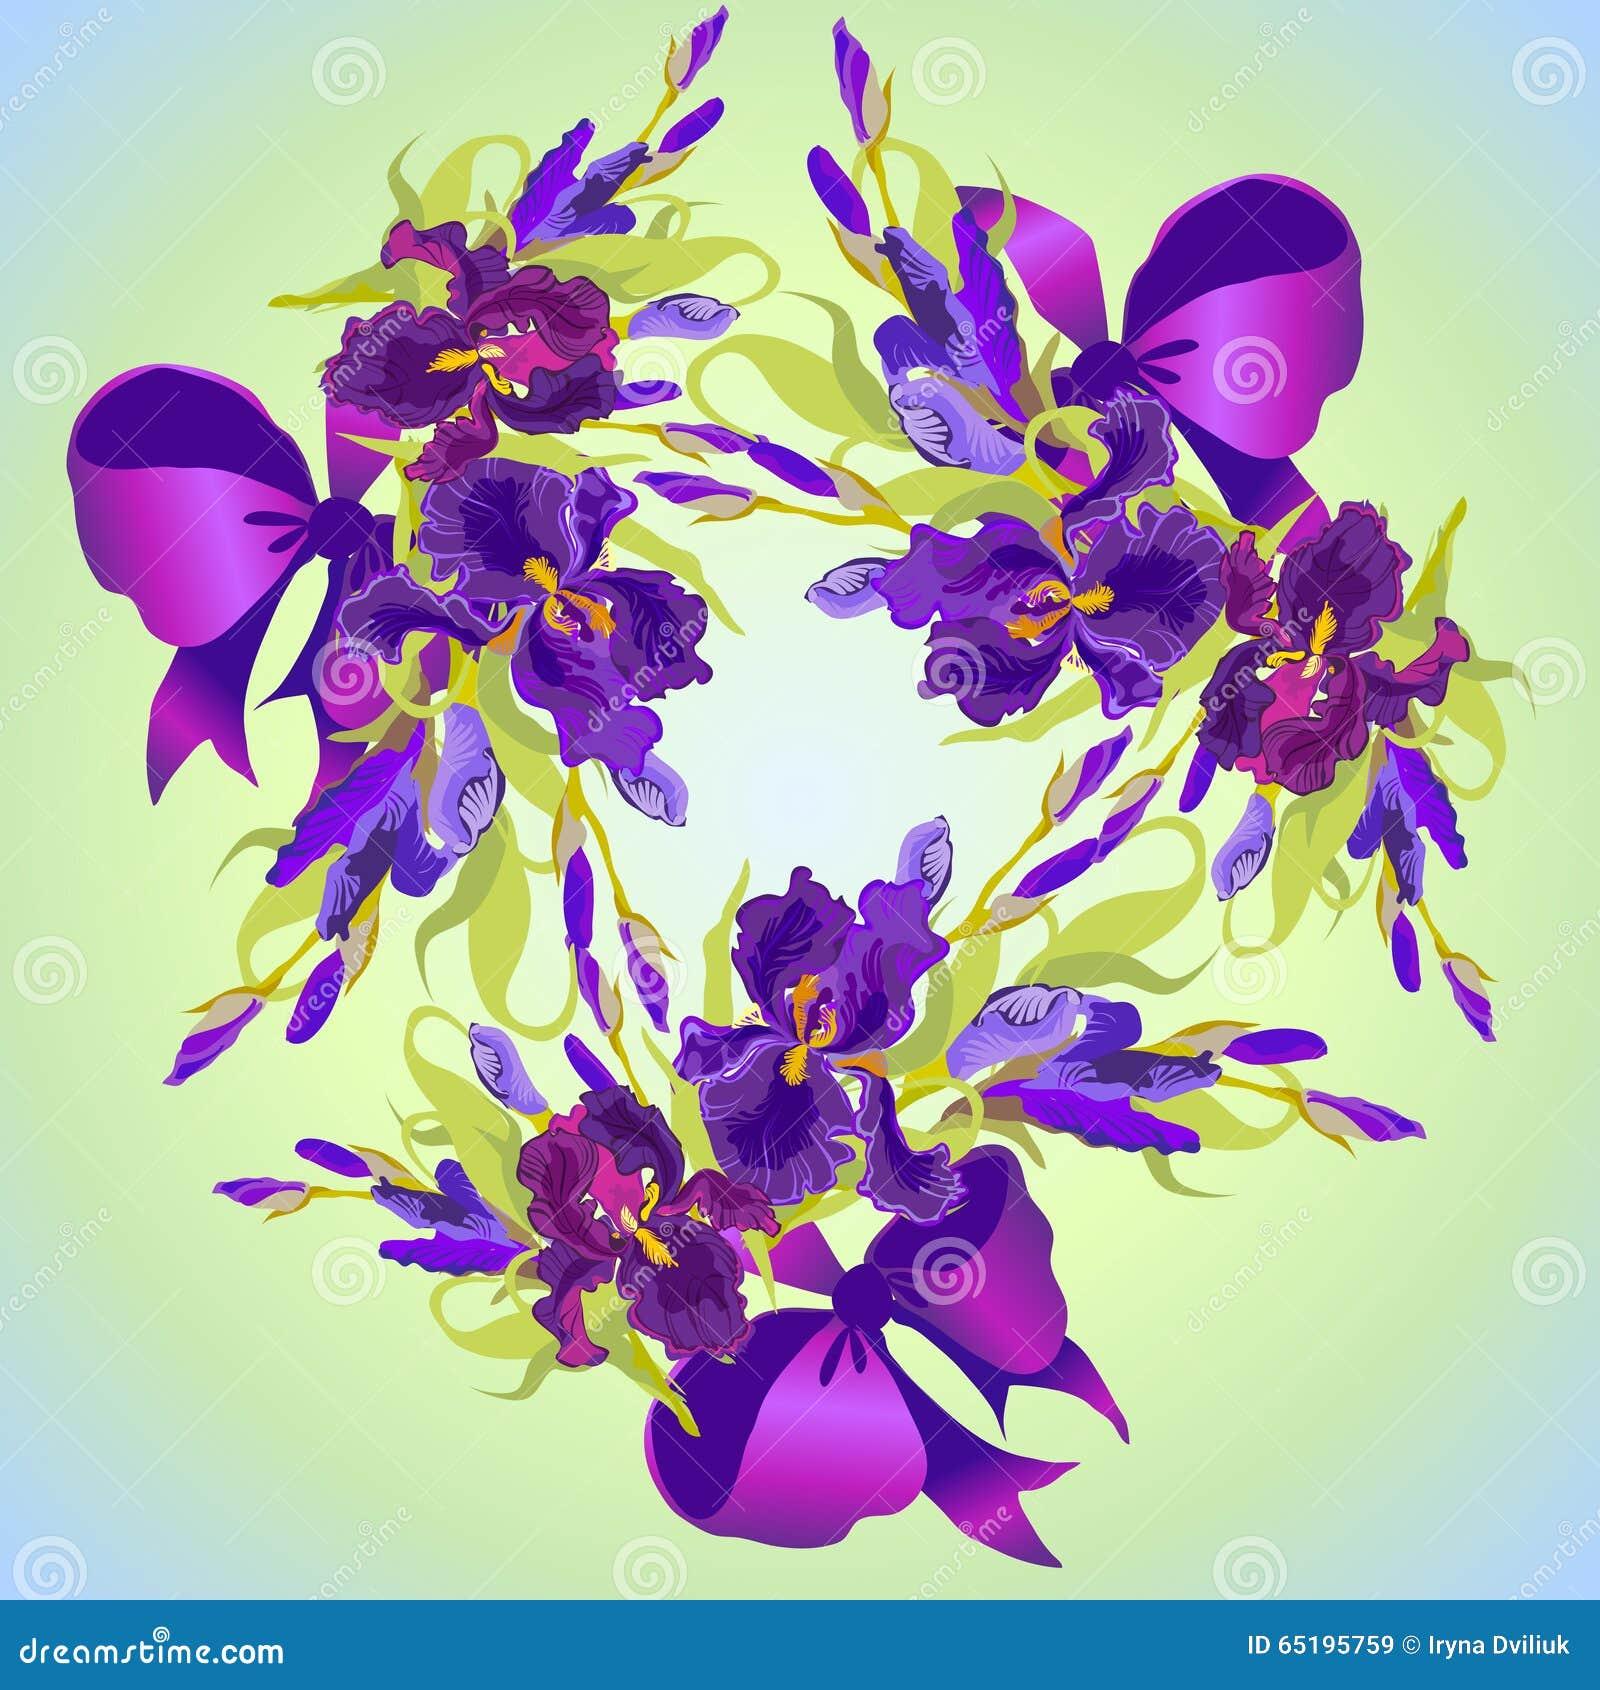 wedding card with violet iris flower wreath background